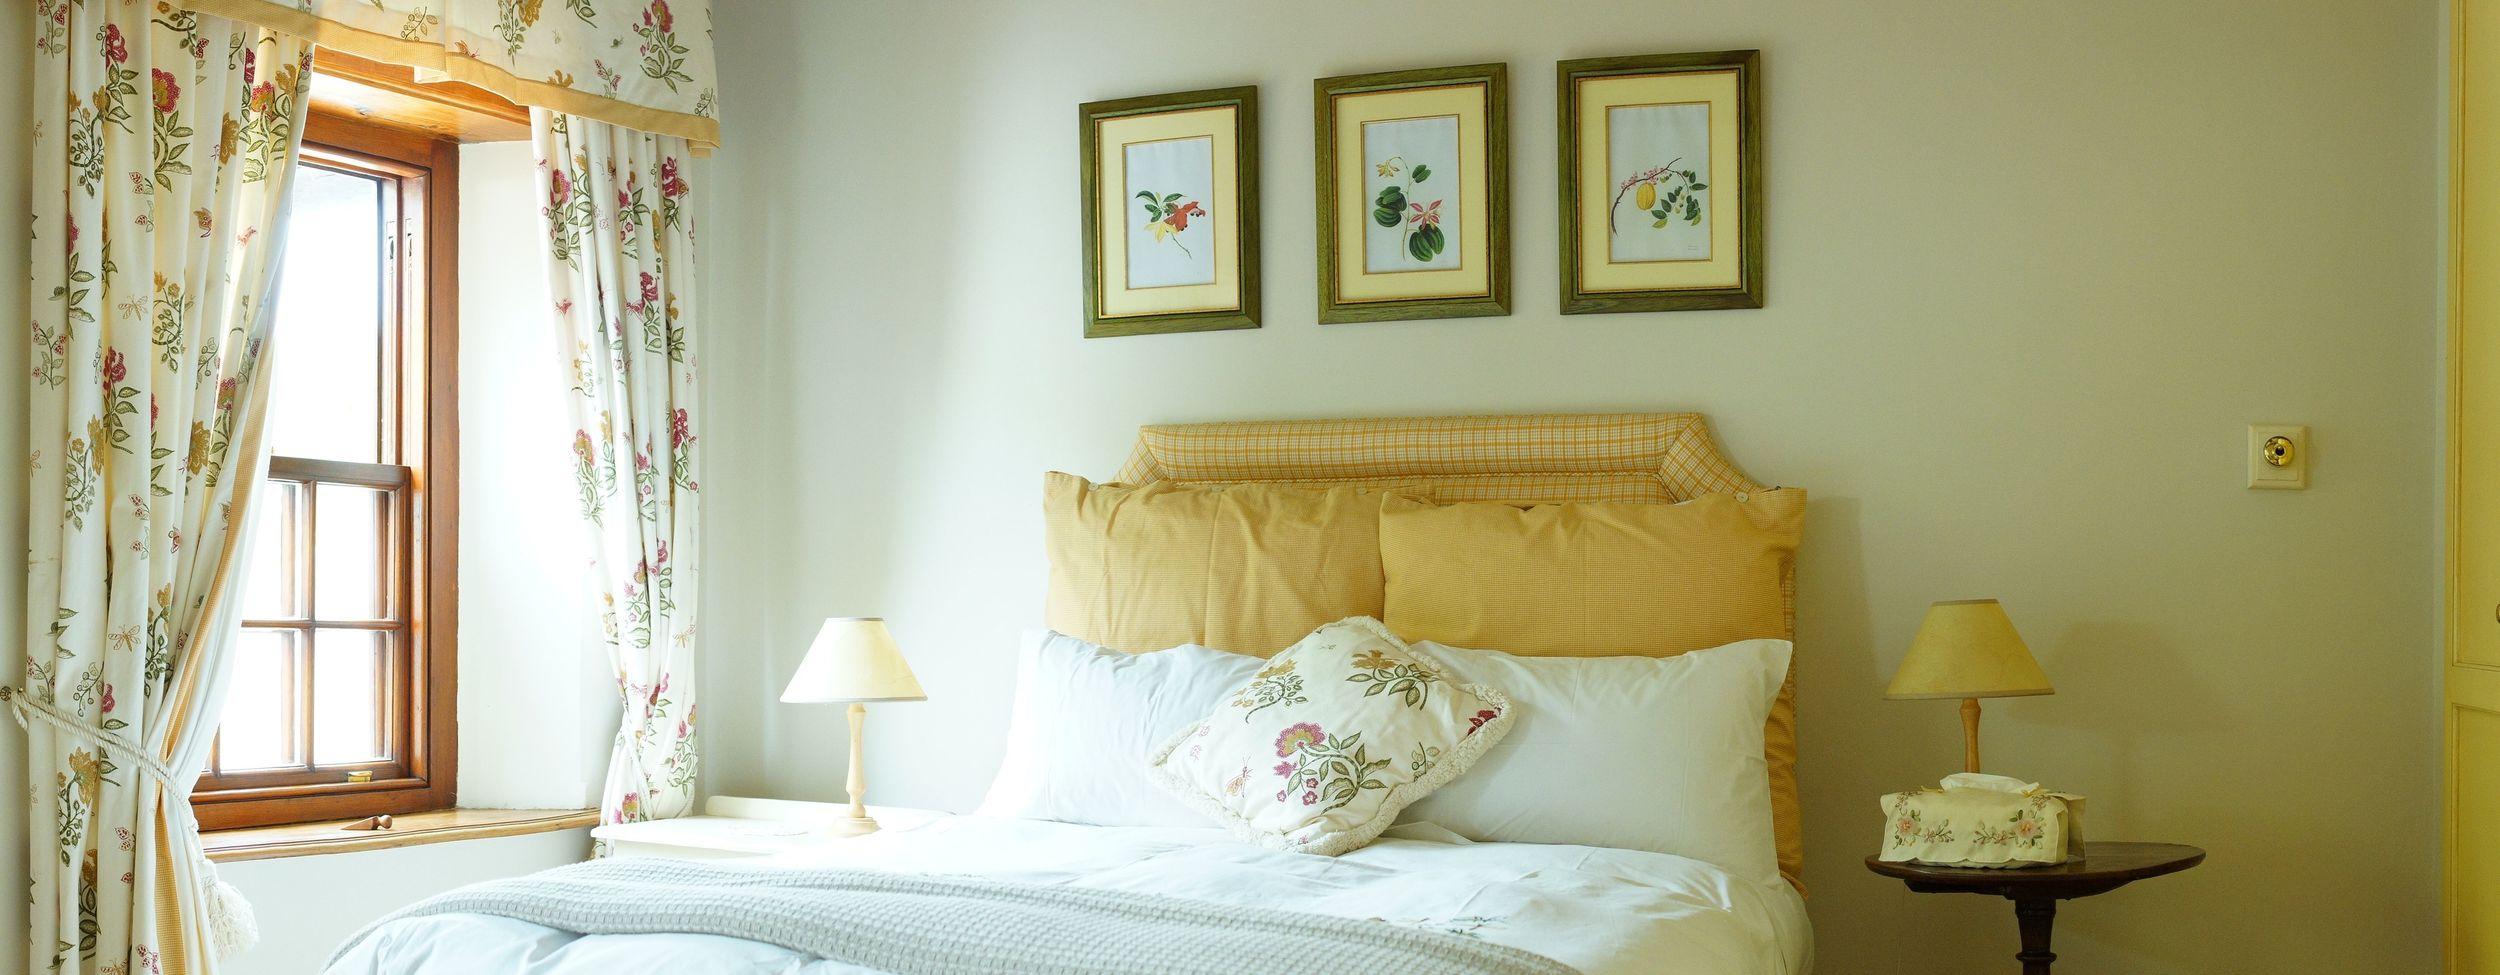 FT double bedroom pana.jpg